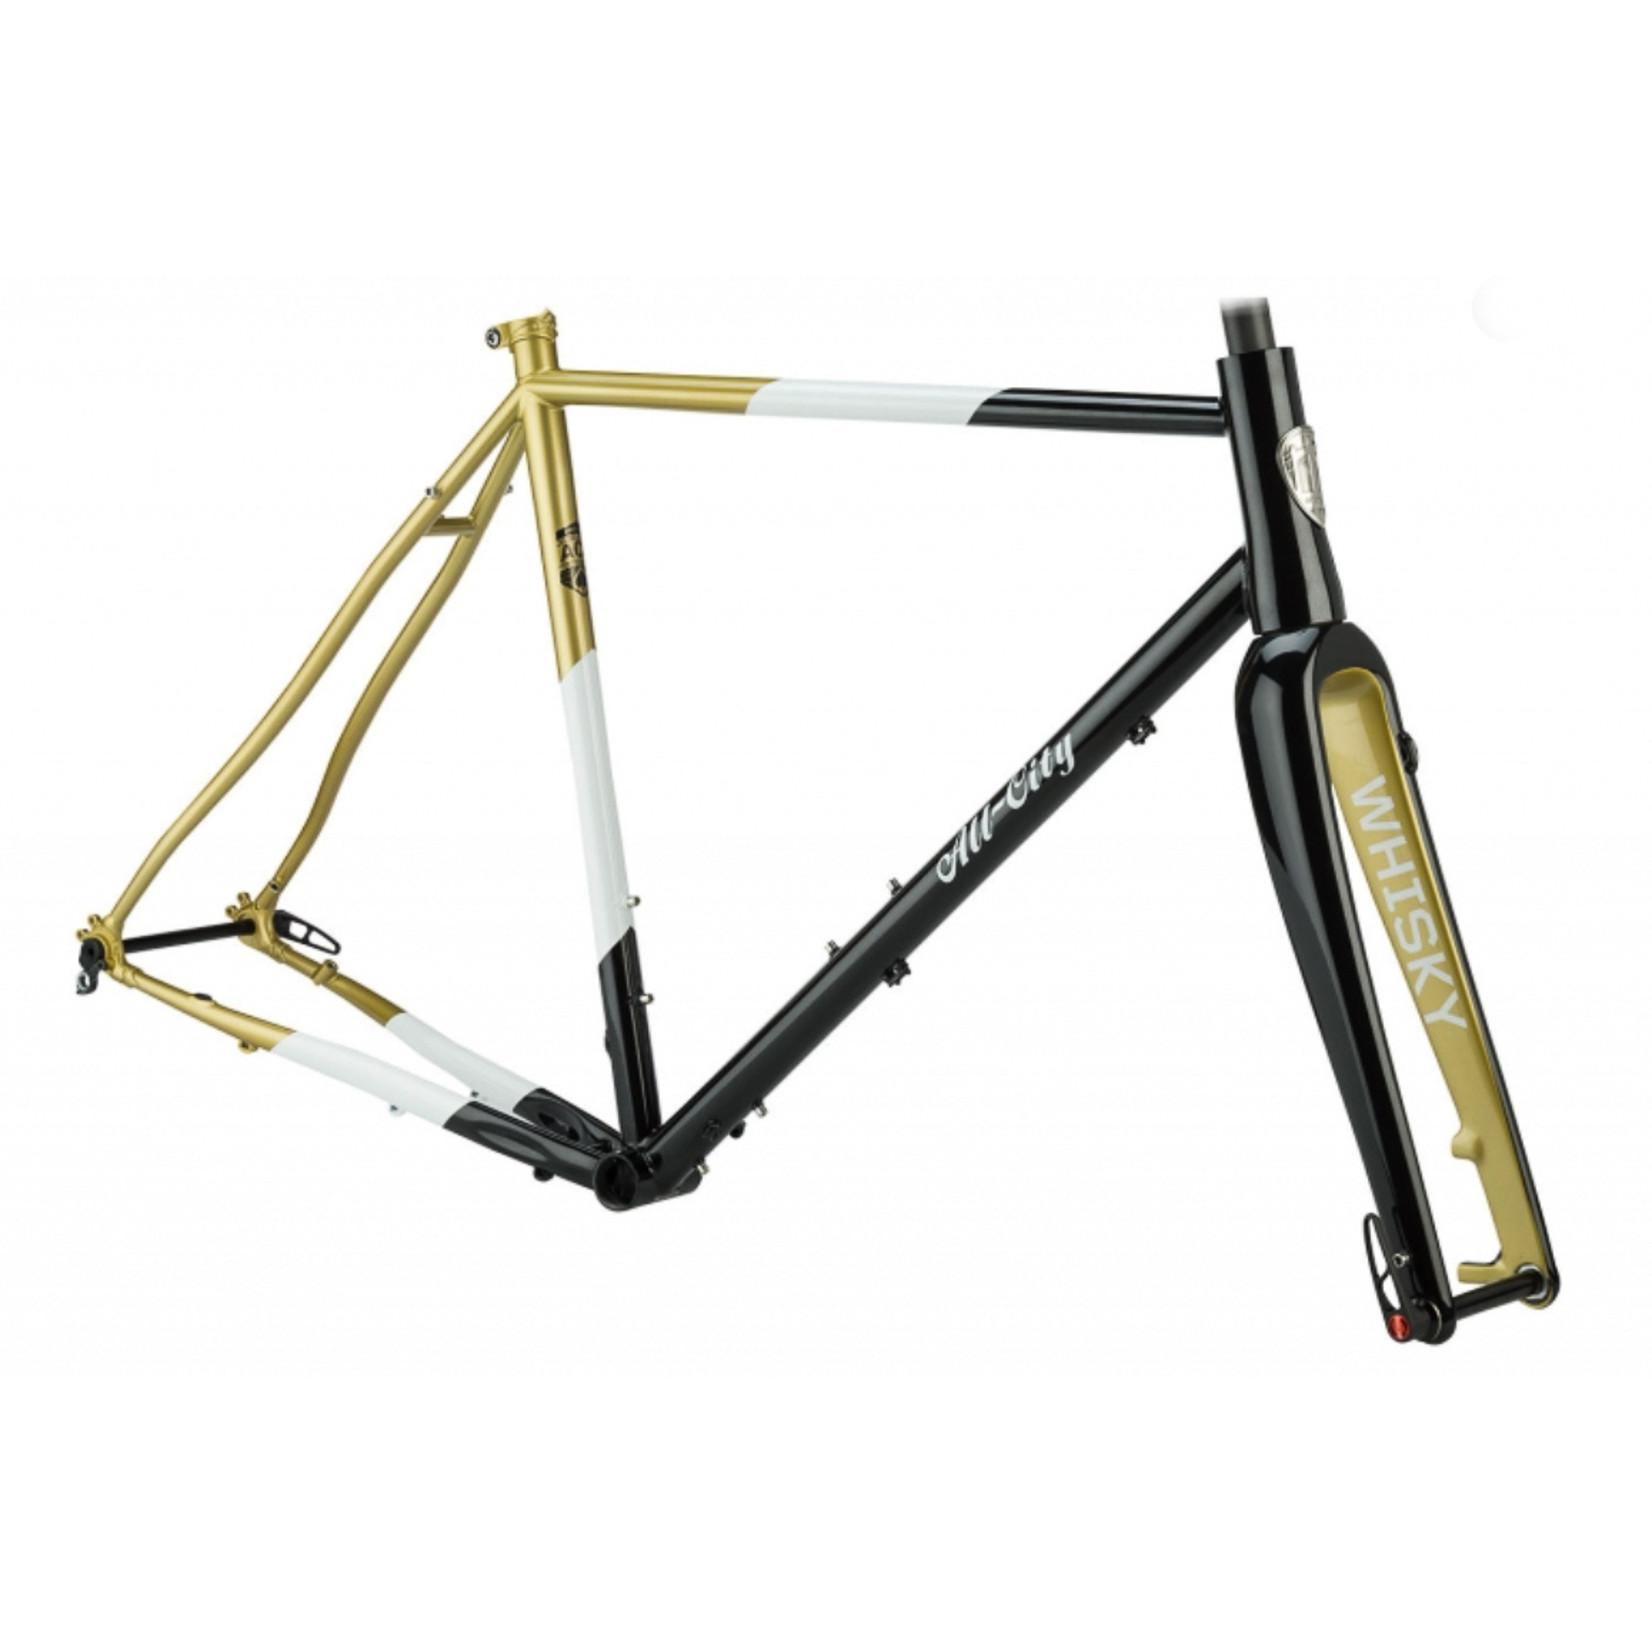 All-City All-City Cosmic Stallion Frameset 49cm Black/White/Gold